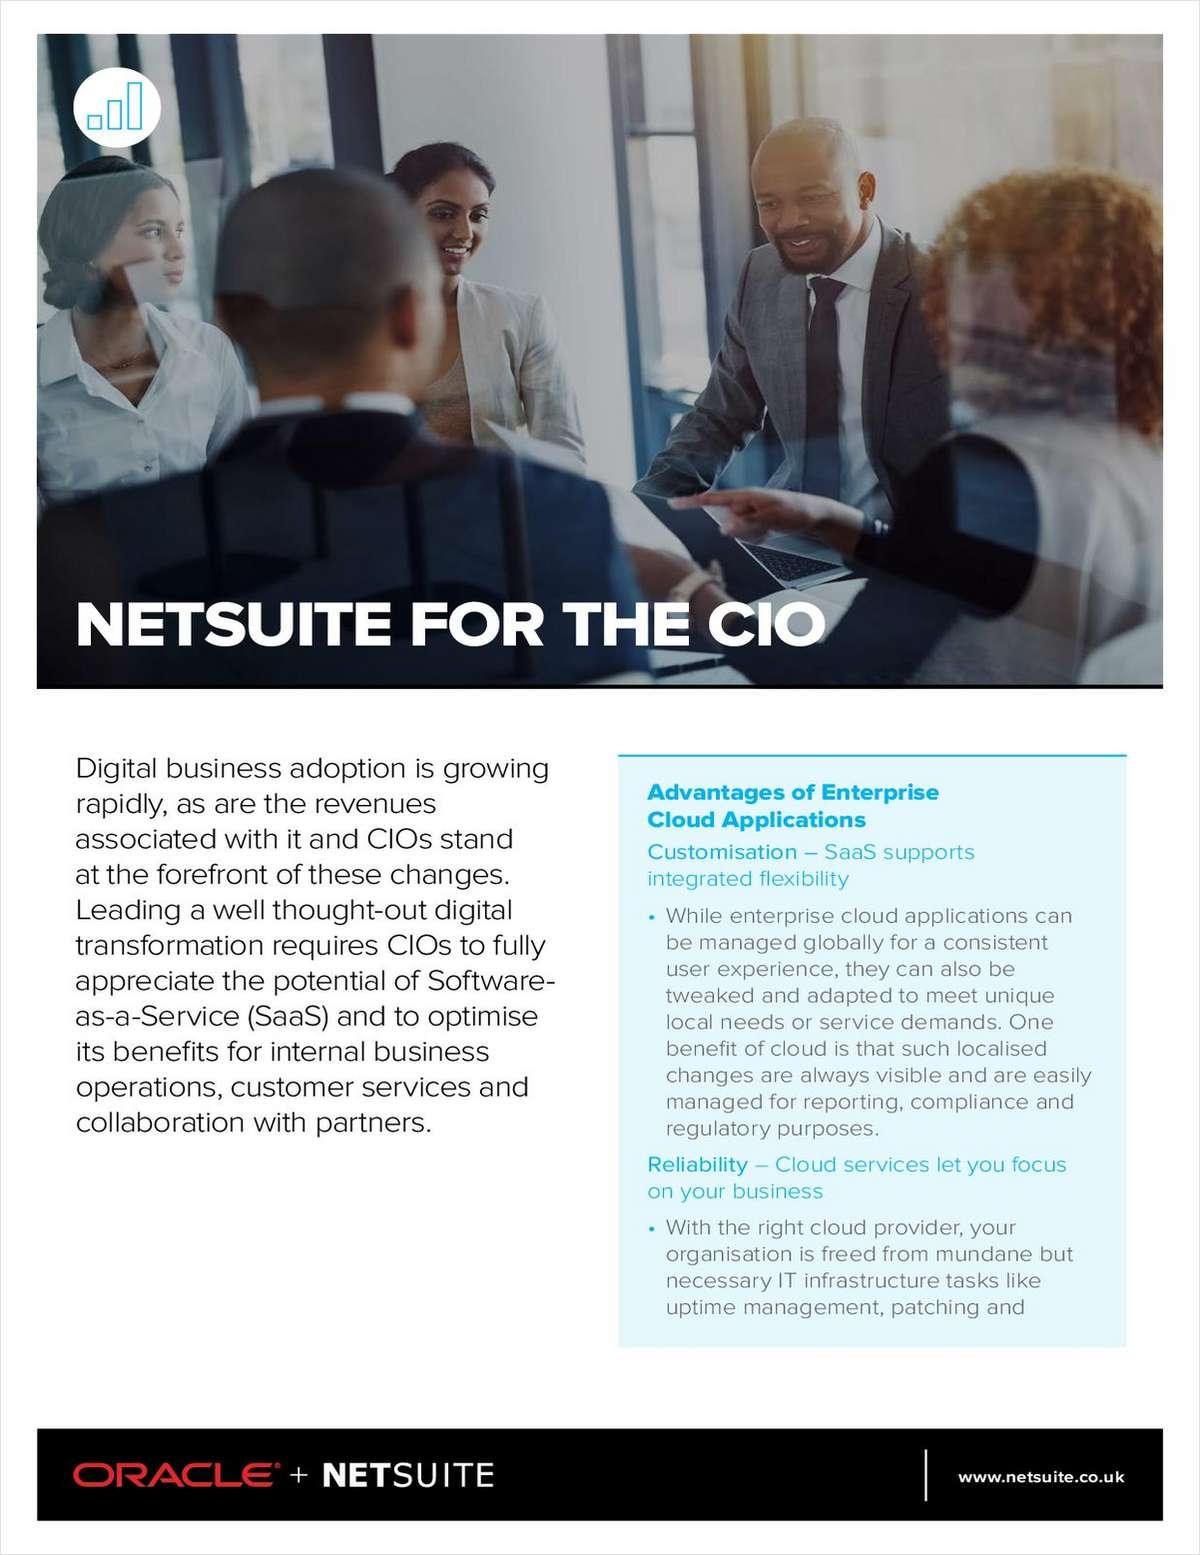 NetSuite for the CIO